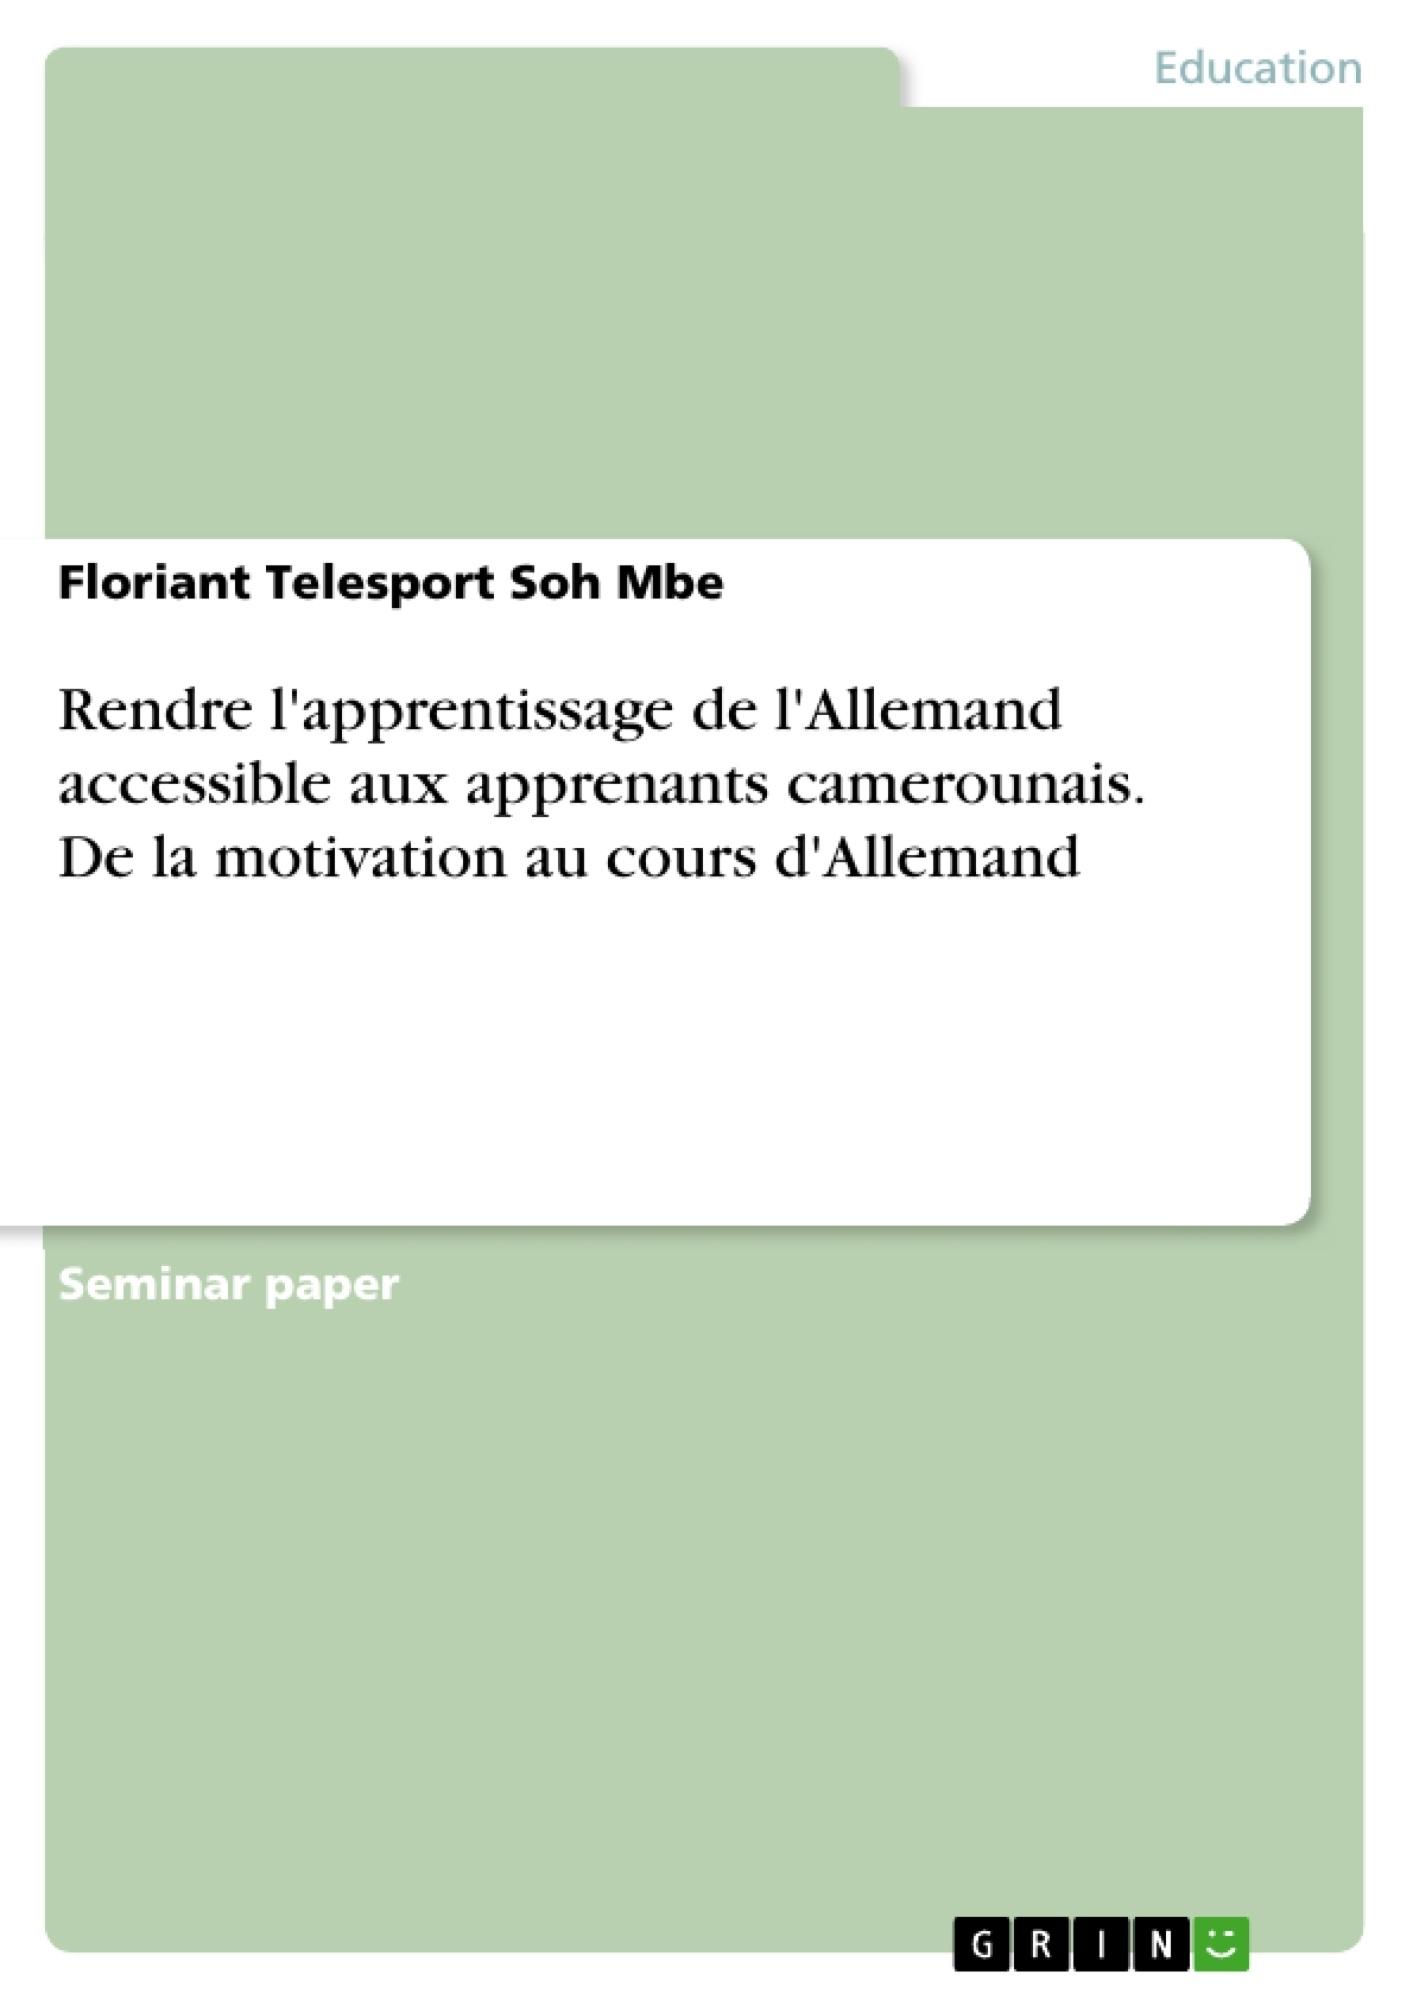 Titre: Rendre l'apprentissage de l'Allemand accessible aux apprenants camerounais. De la motivation au cours d'Allemand